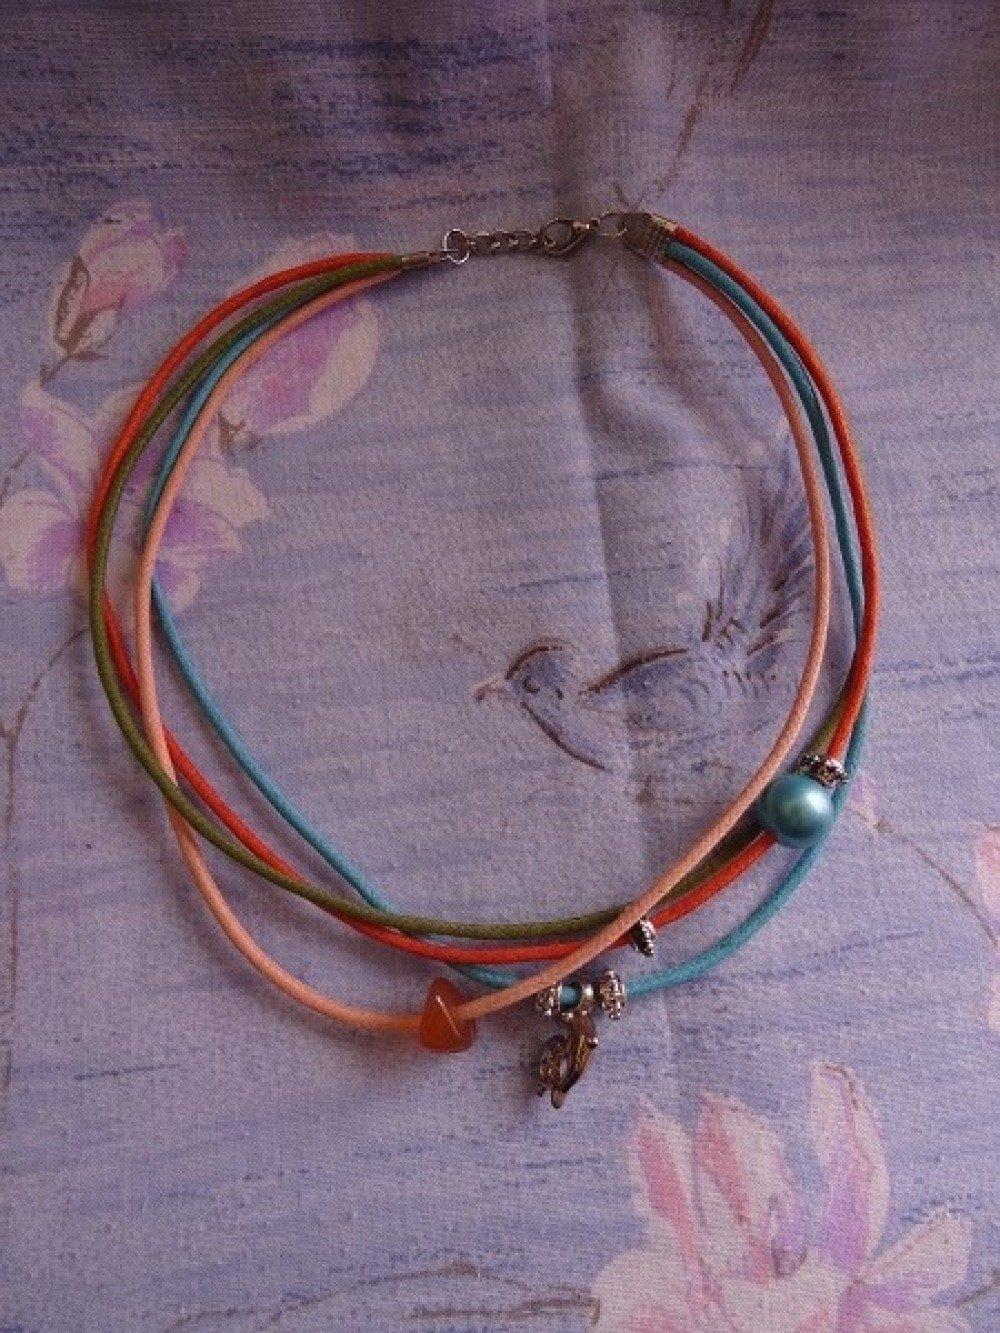 Collier breloques colorées